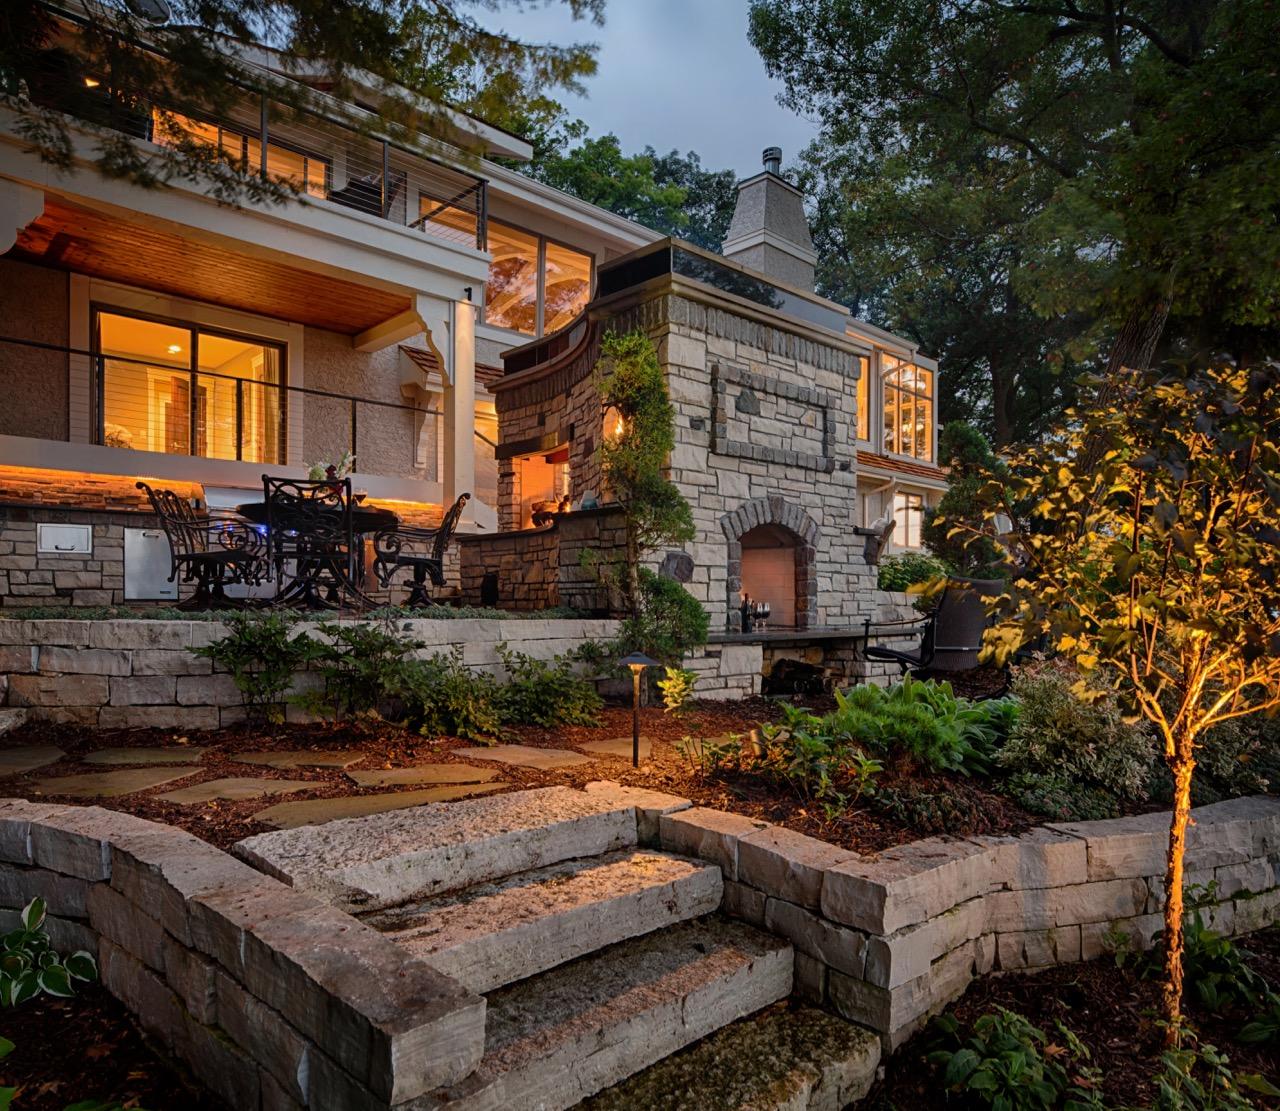 Mom's Design Build - Backyard Firepit Outdoor Kitchen Landscape